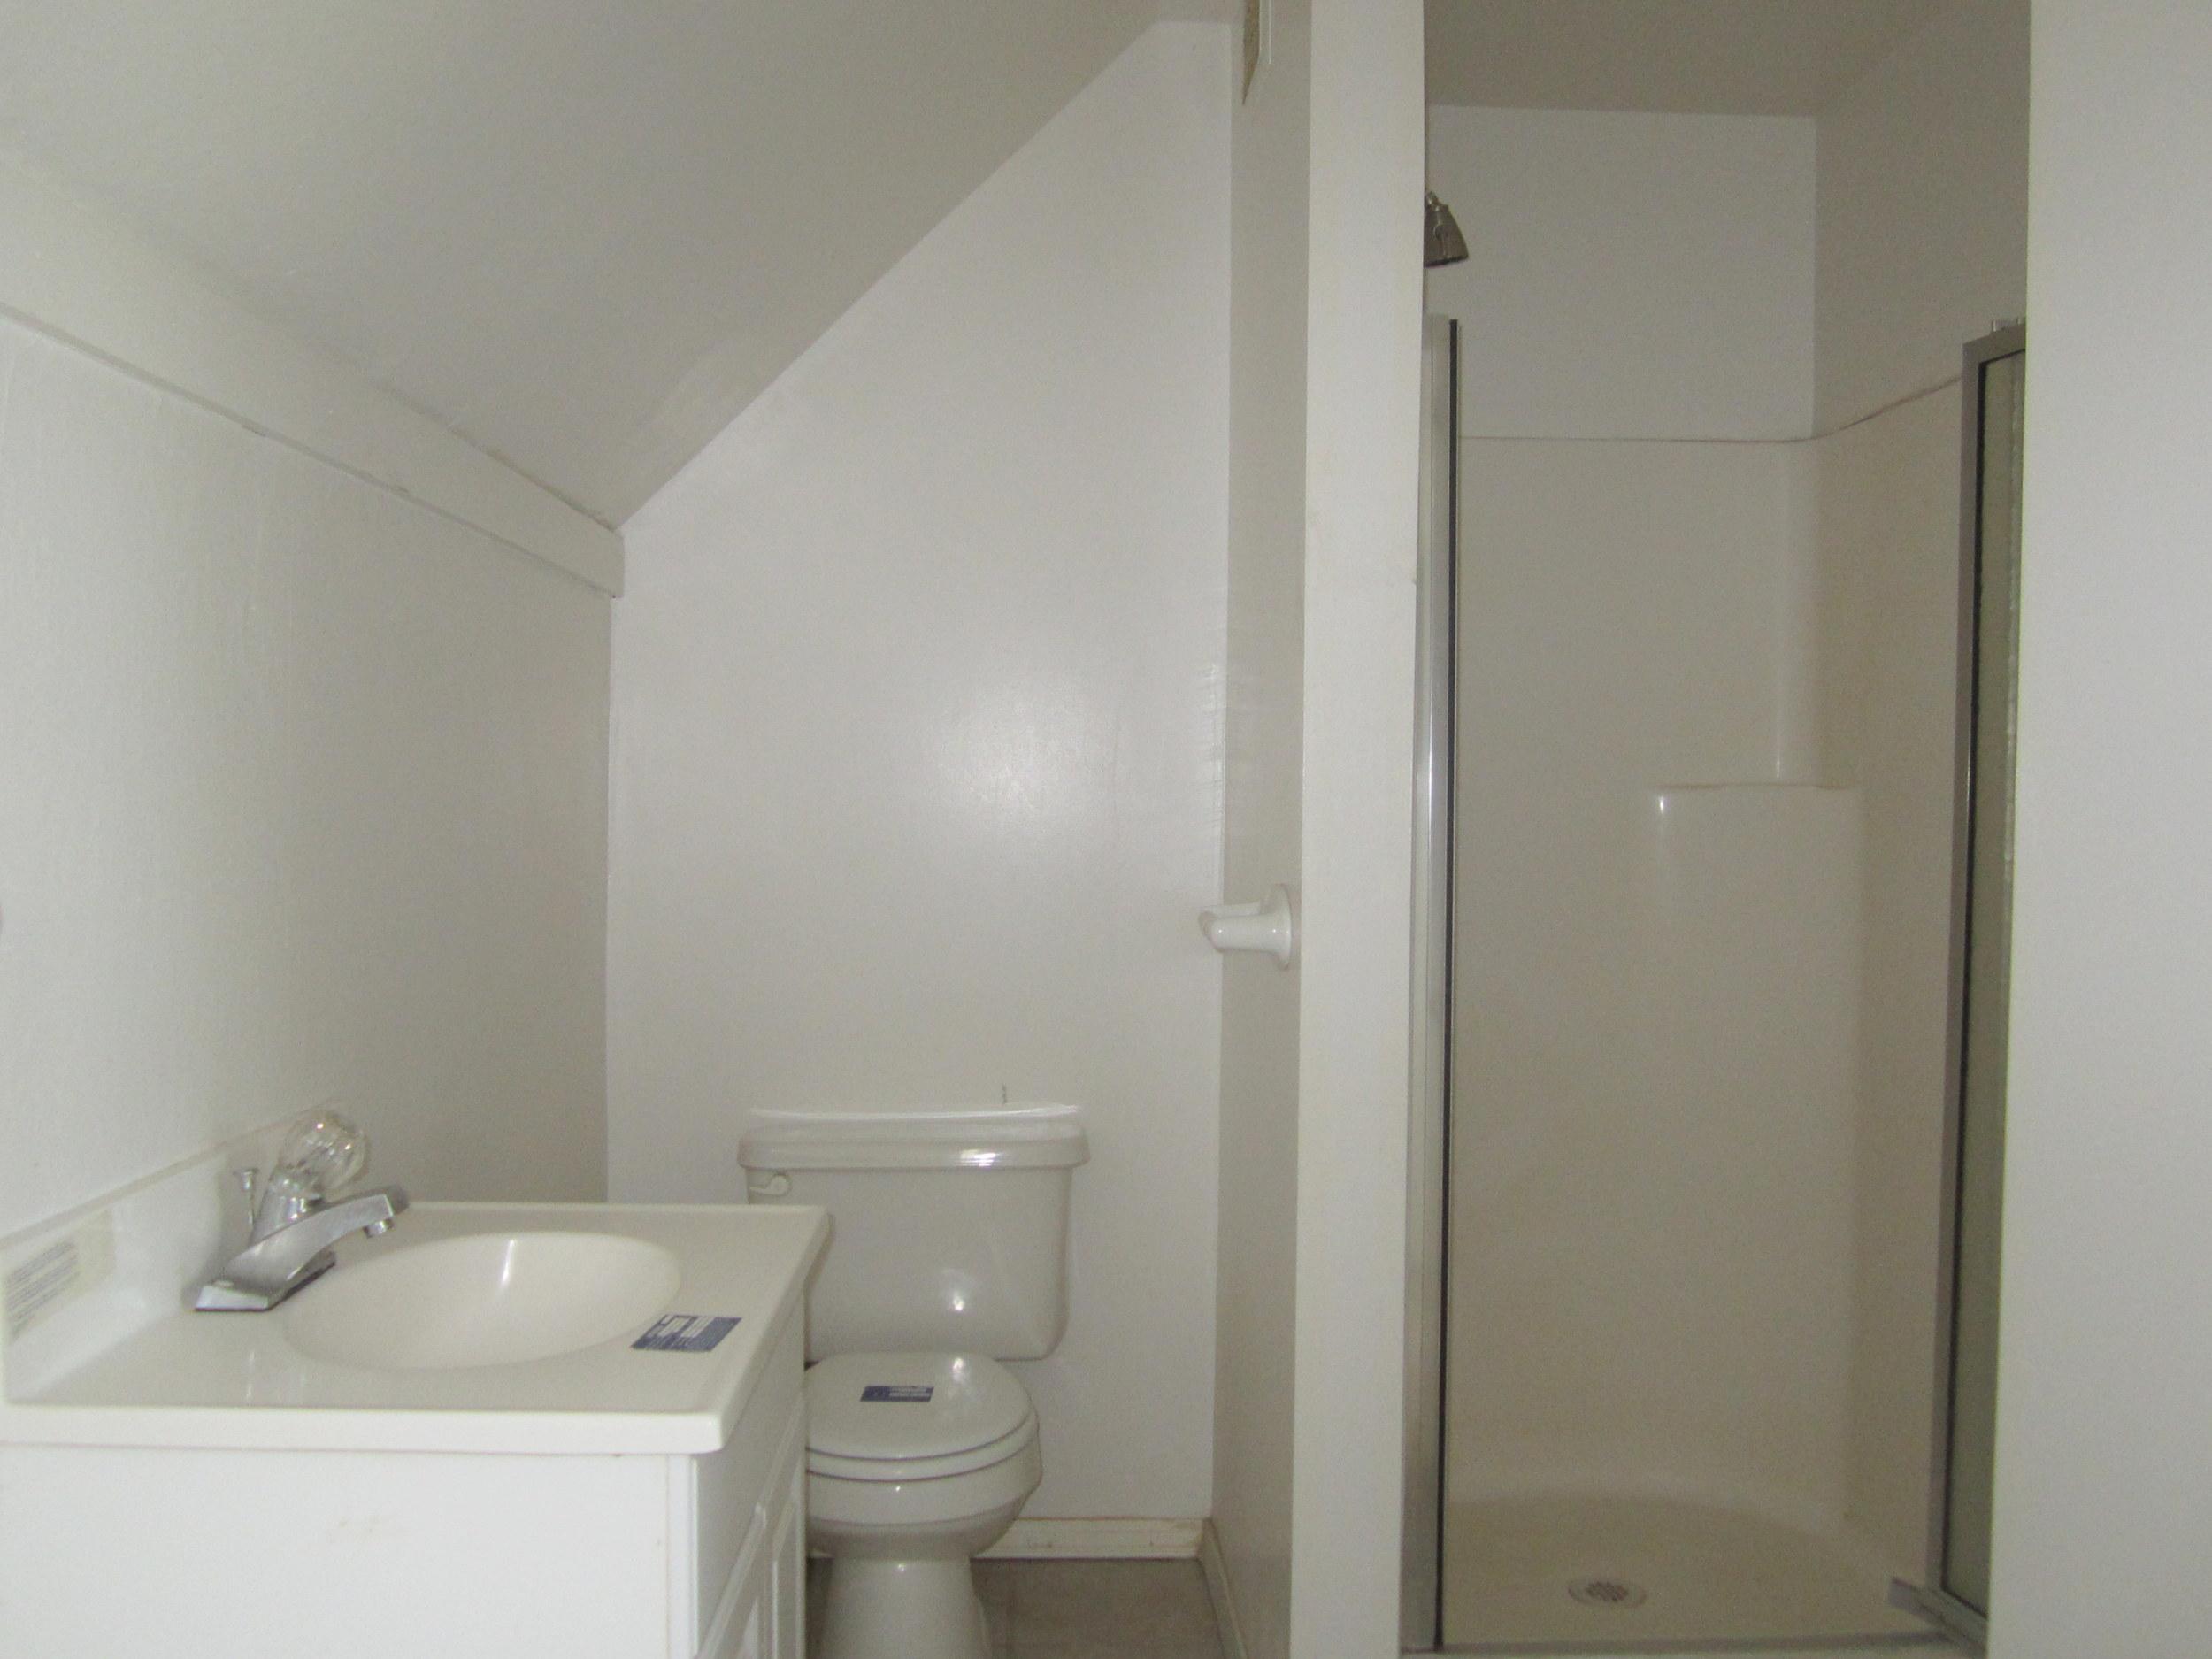 561-869535 - Bath 2.JPG